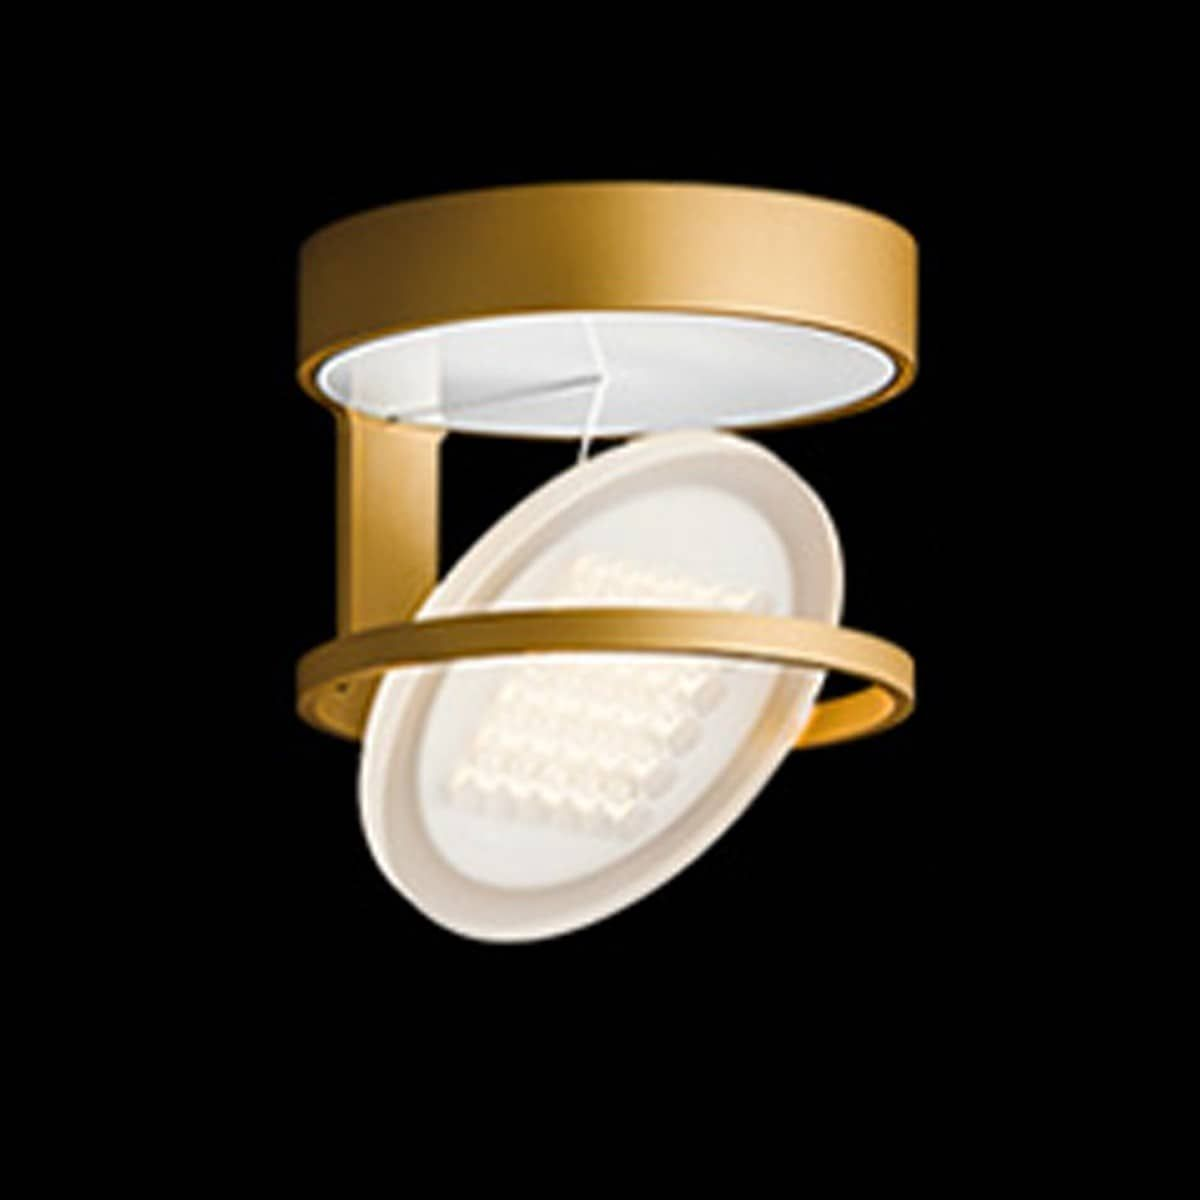 Wandleuchte Indirekt Wandlampe Mit Schalter Retro Nachttischleuchte Turkis Pendellampe Fur Kuch In 2020 Led Deckenleuchte Dimmbar Badezimmer Spiegelschrank Lampe